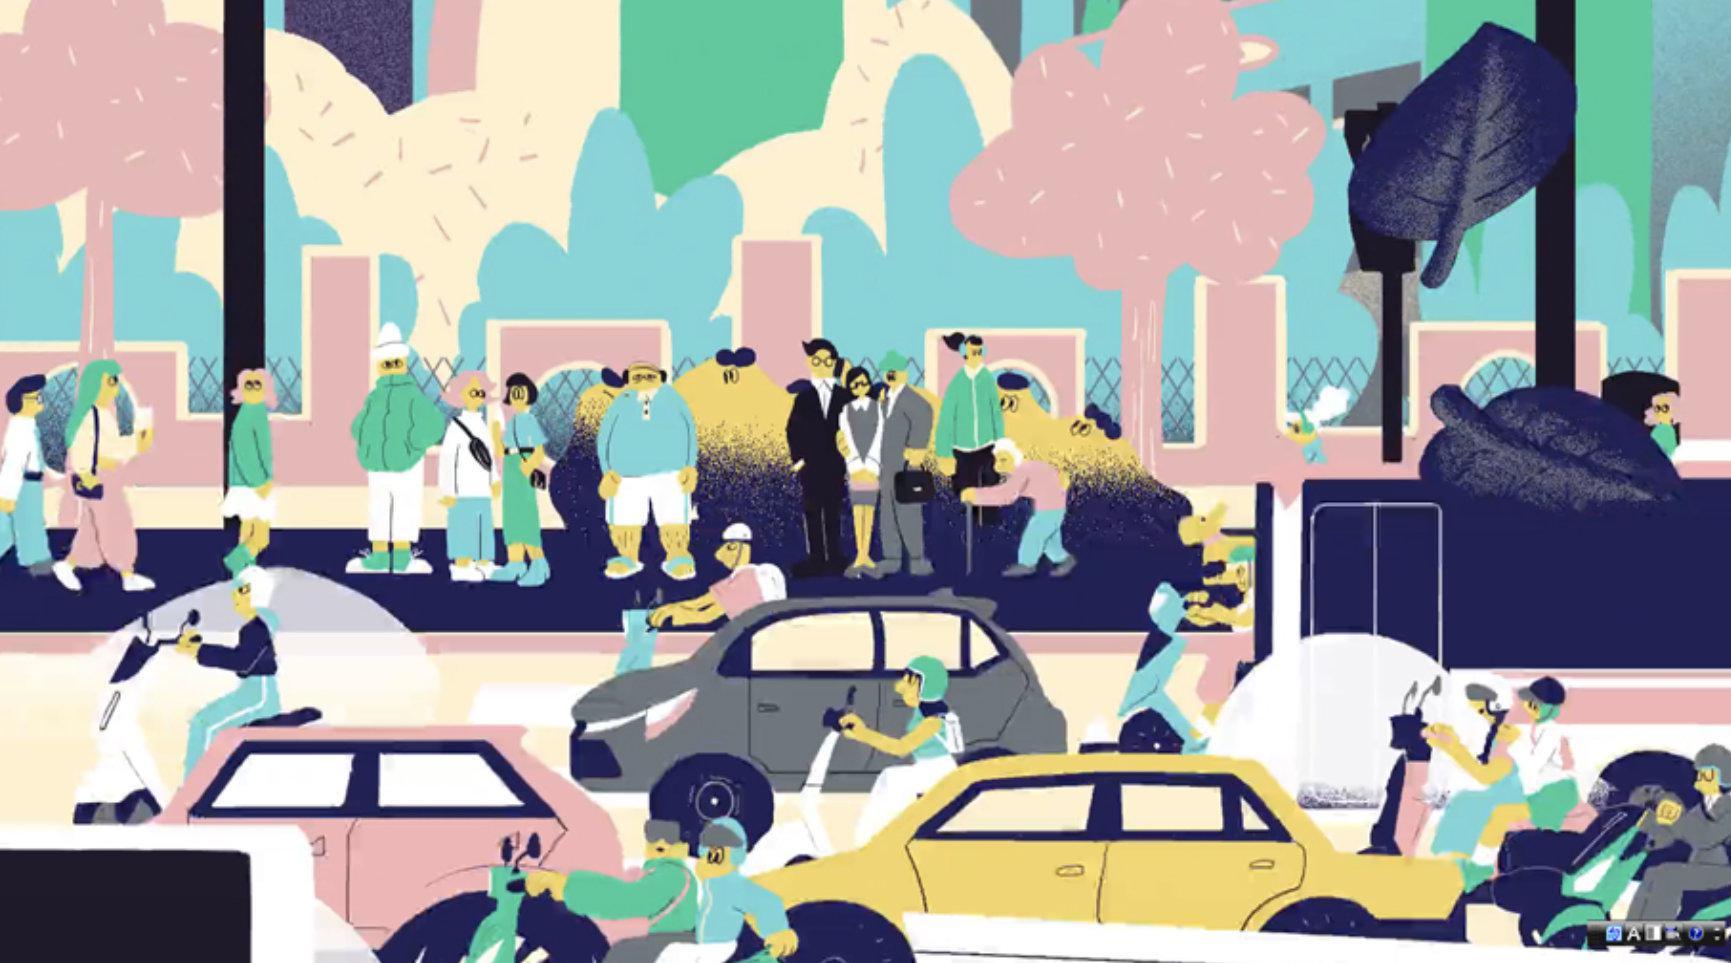 暖心手绘动画「台北捷运形象短片」🎬